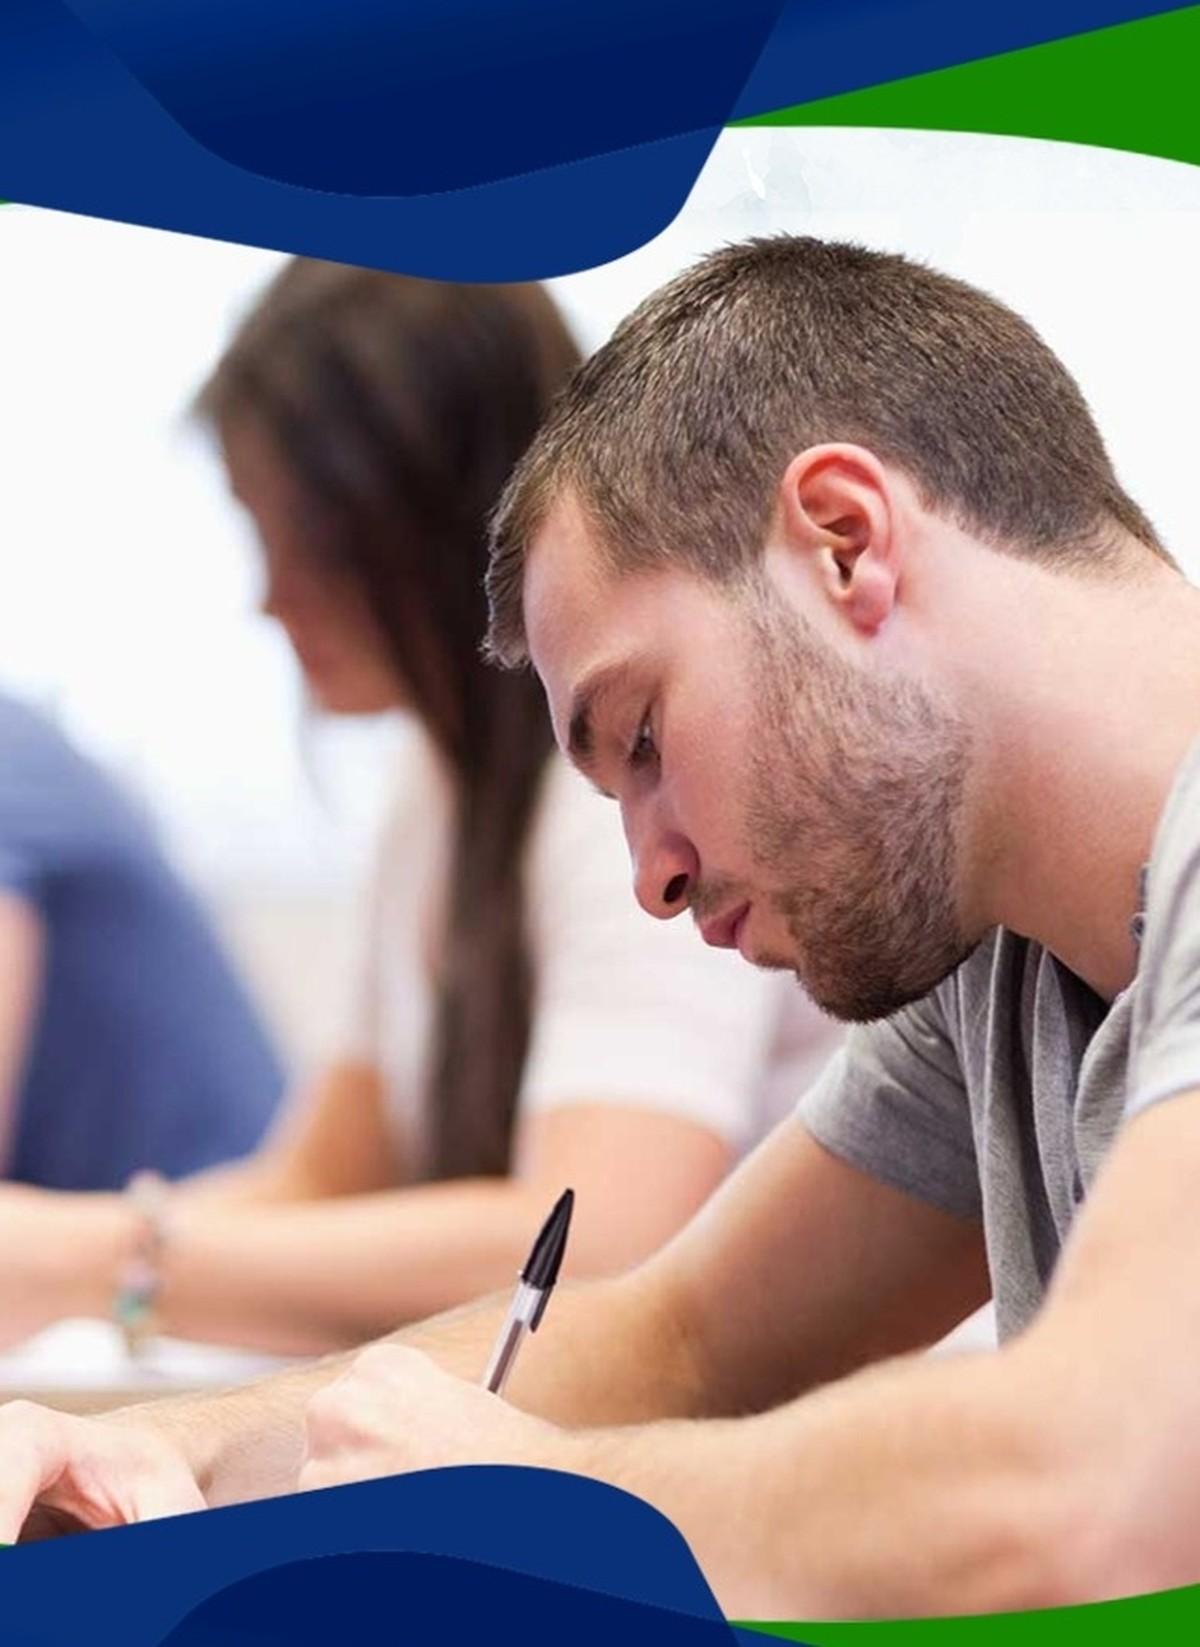 Inscrições para cursos de profissionalização são abertas em Santa Cruz do Capibaribe